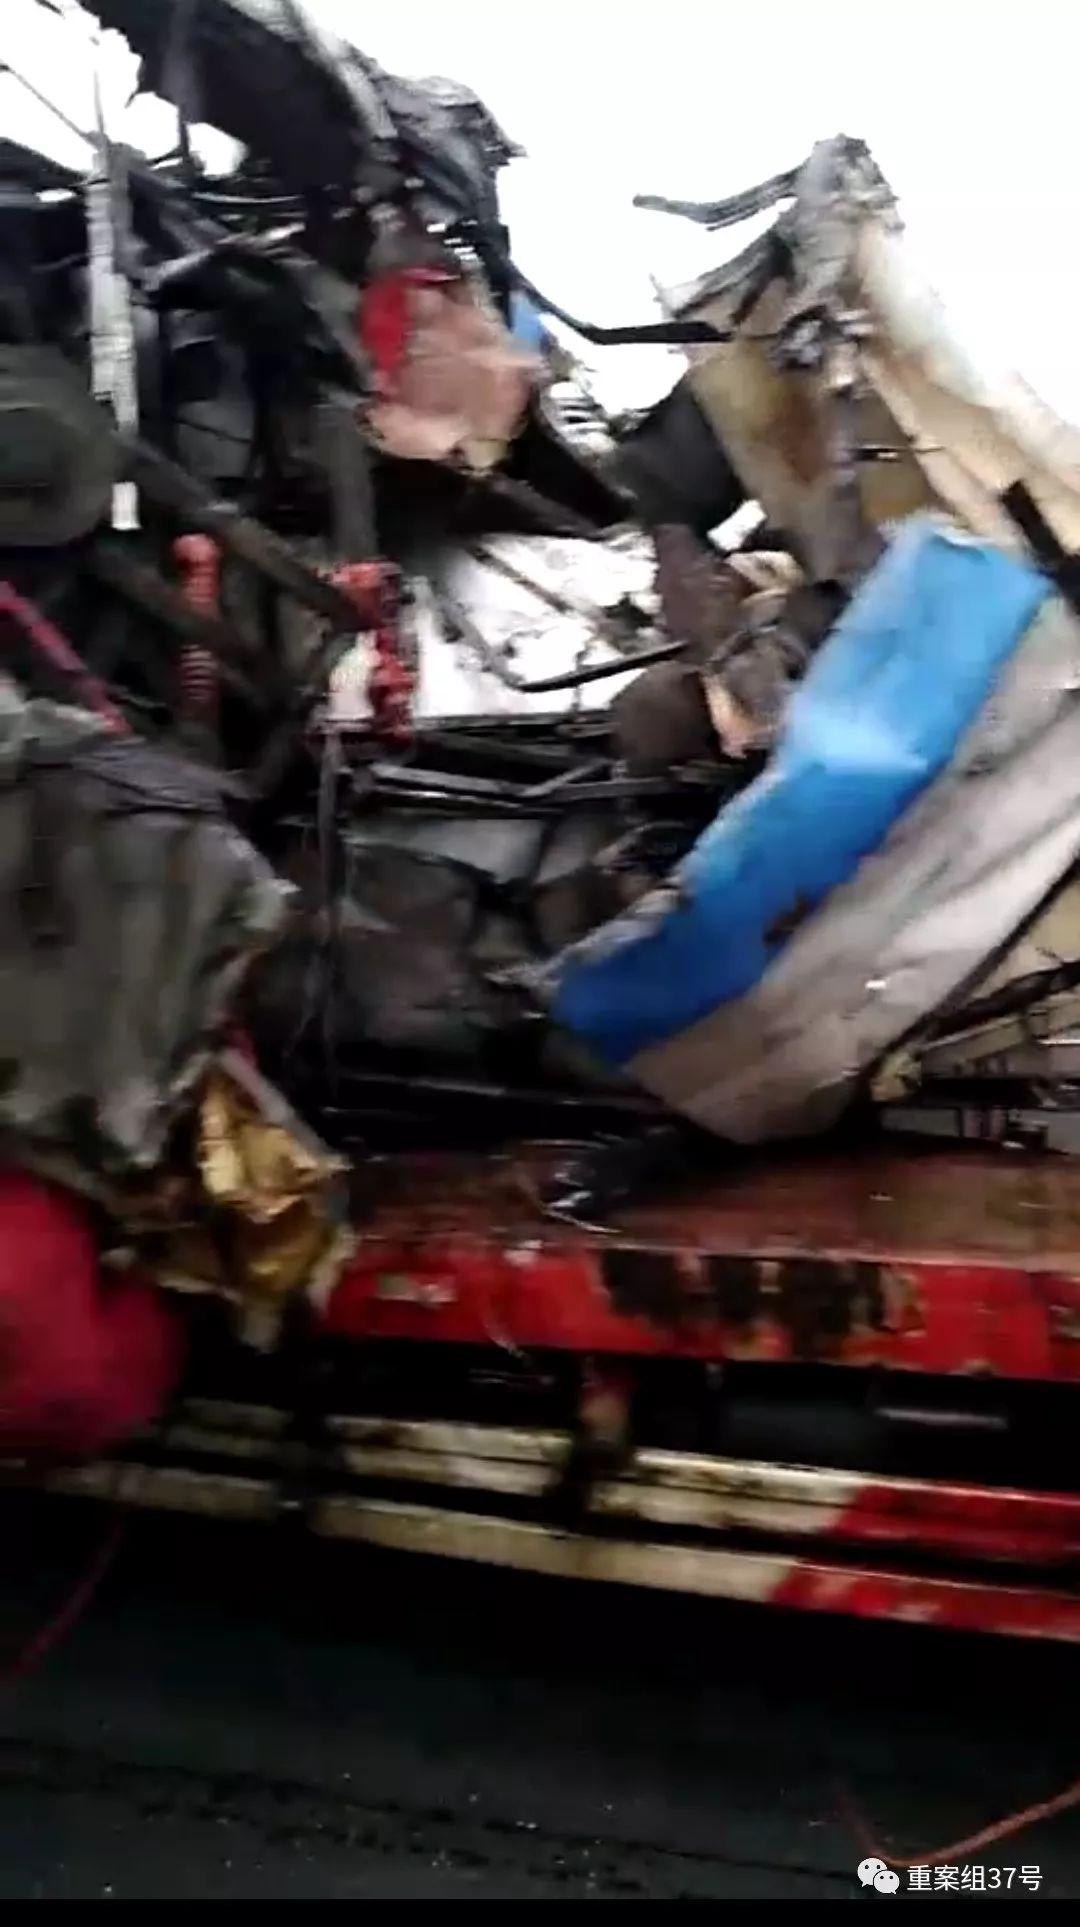 一大巴穿过高速隔离带撞货车致18死